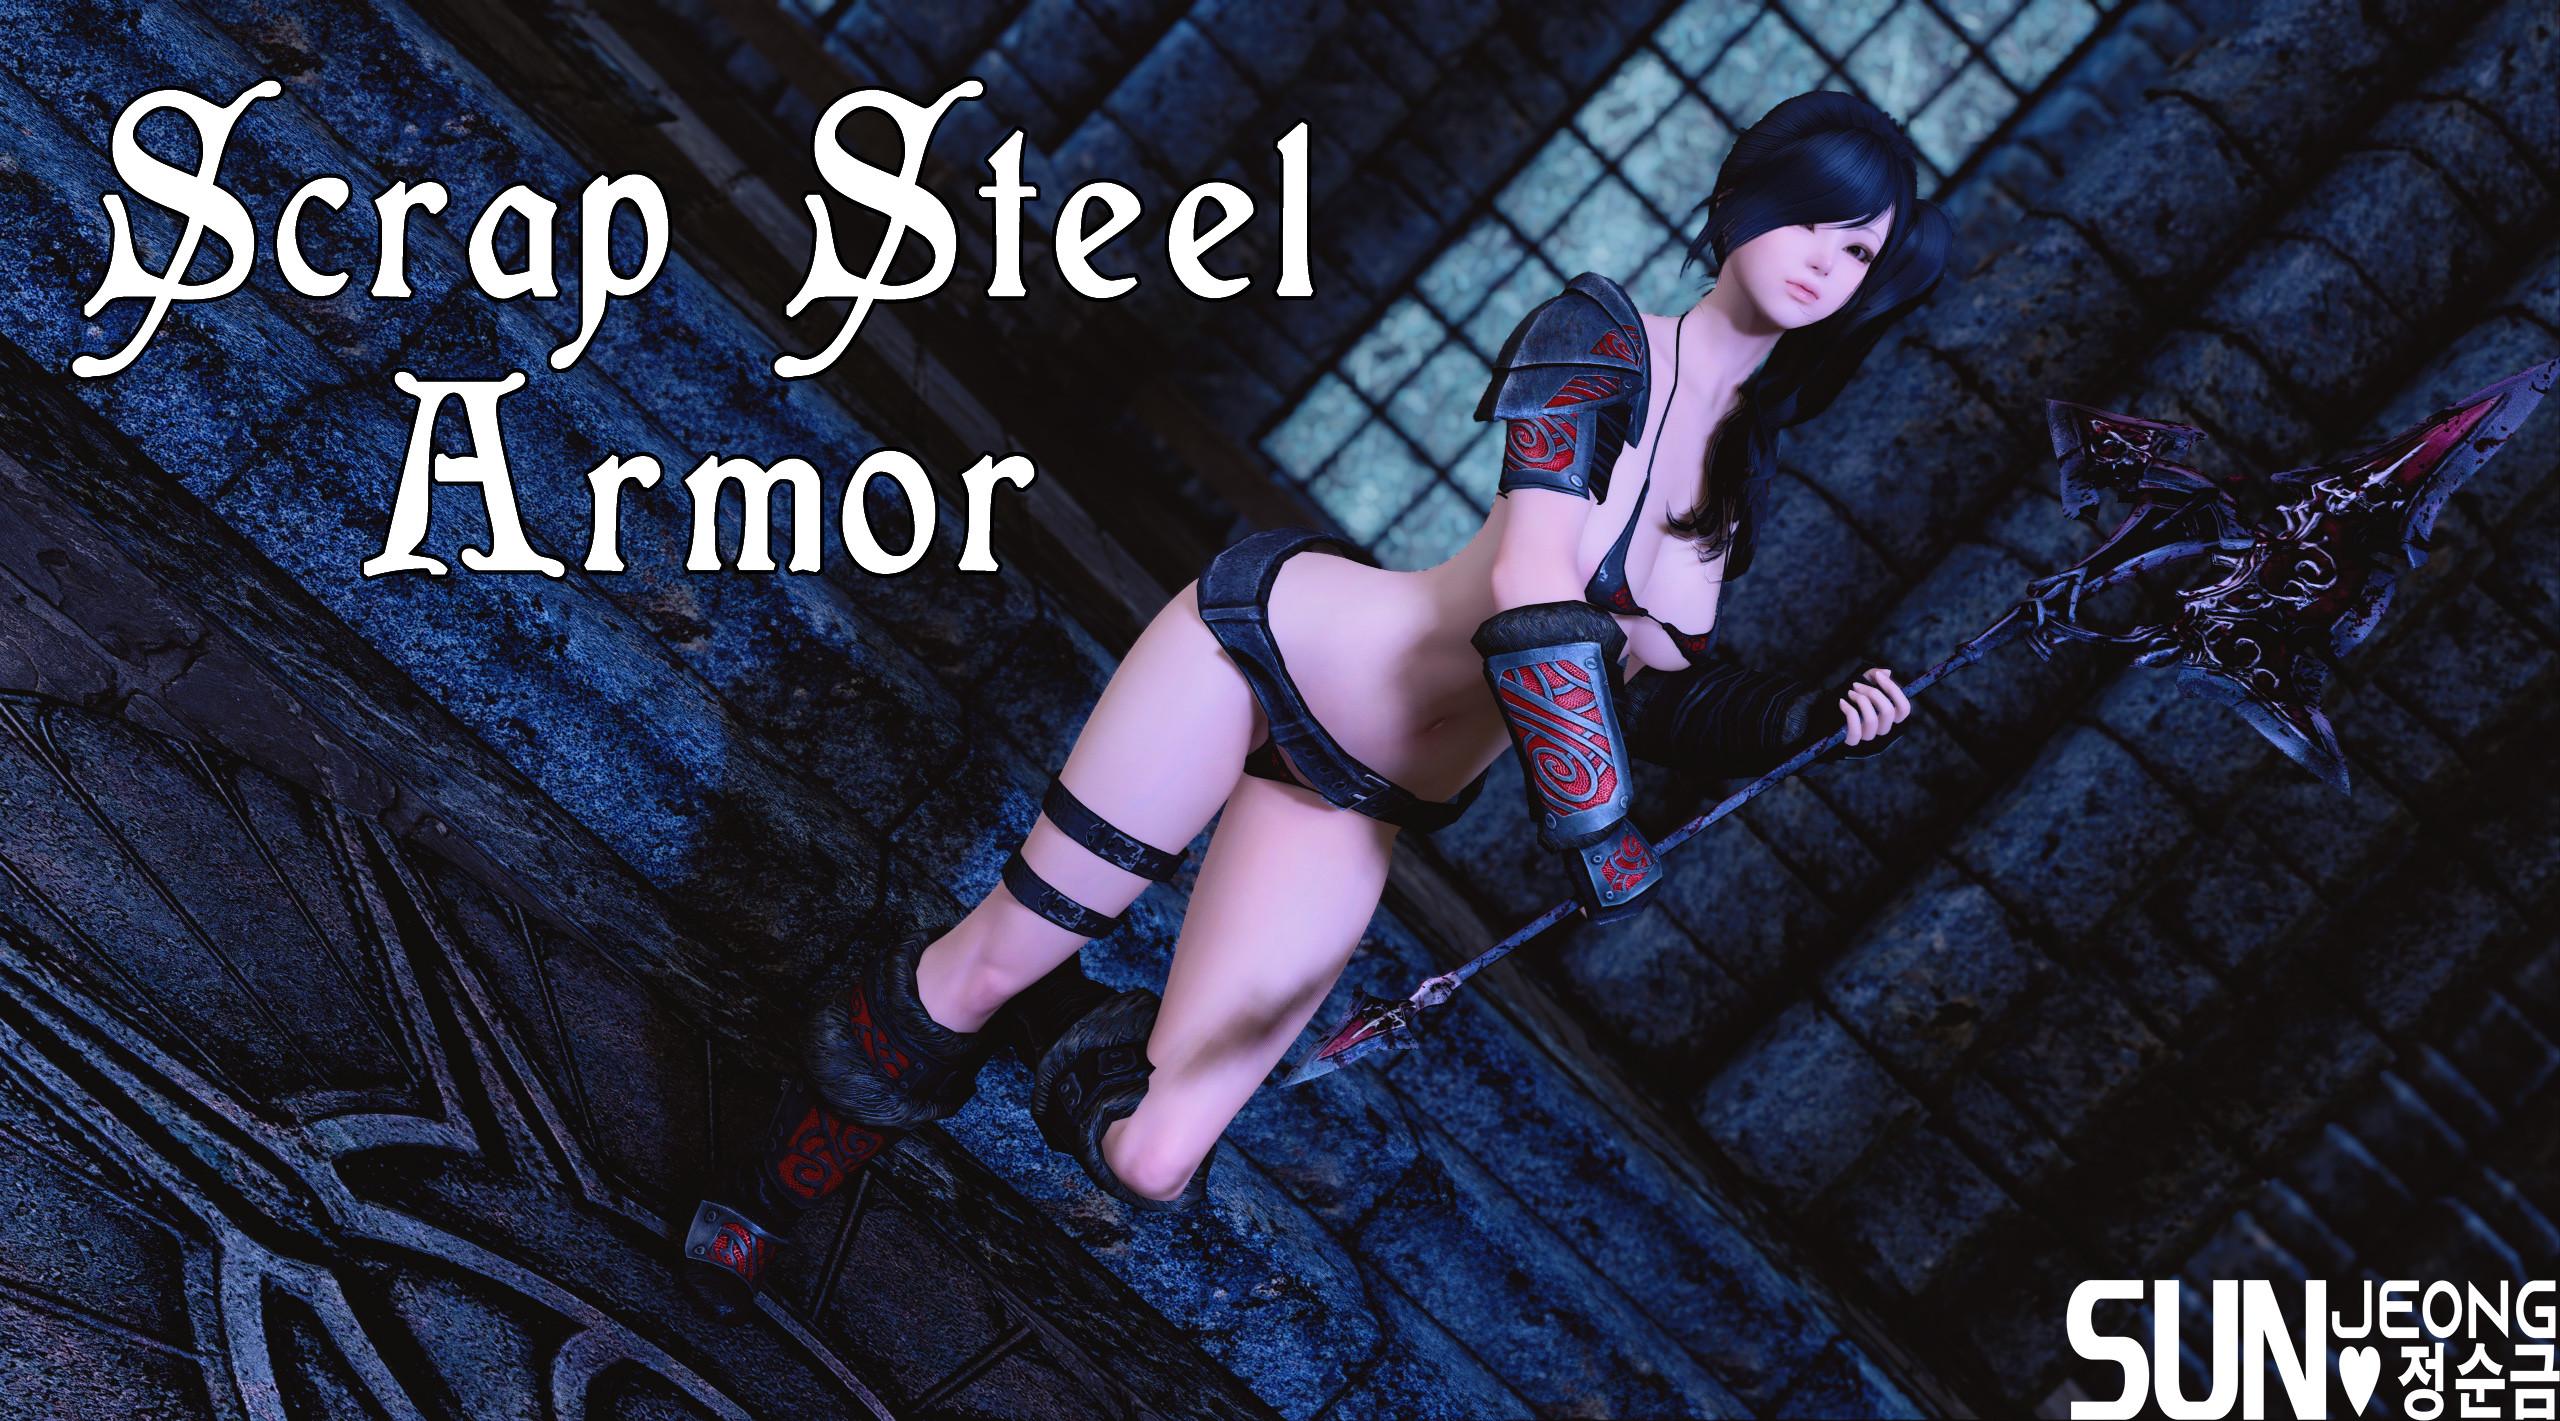 Scrap Steel Armor